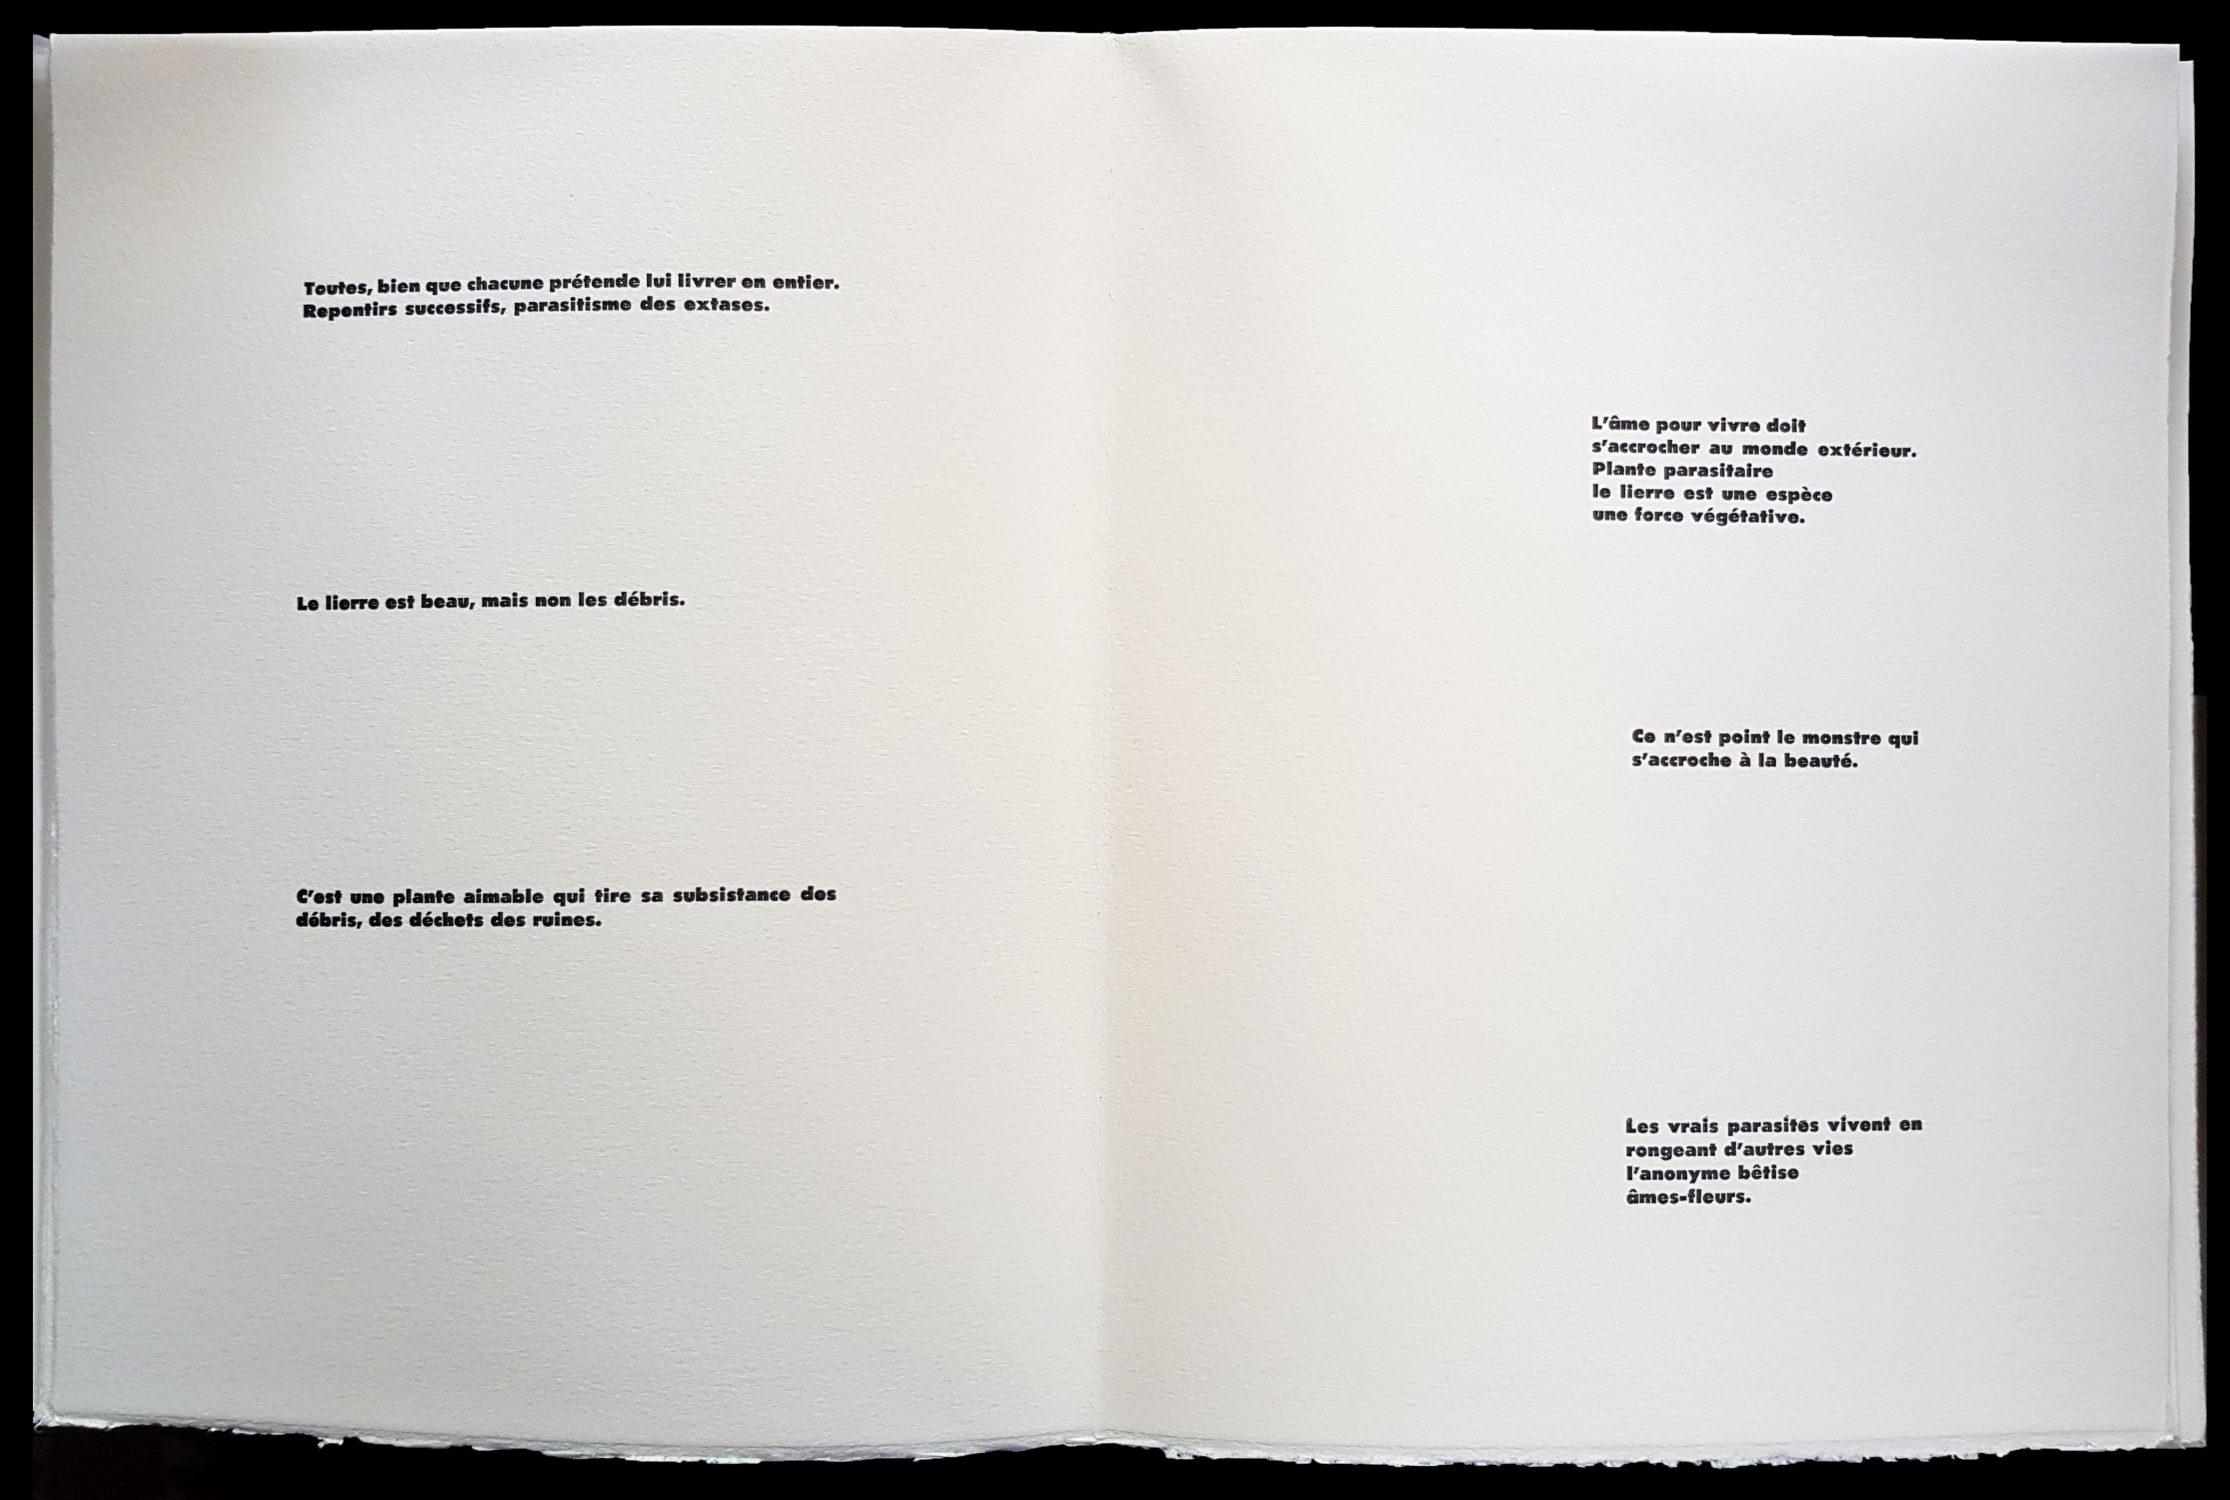 Beauté Cadavre - 1989